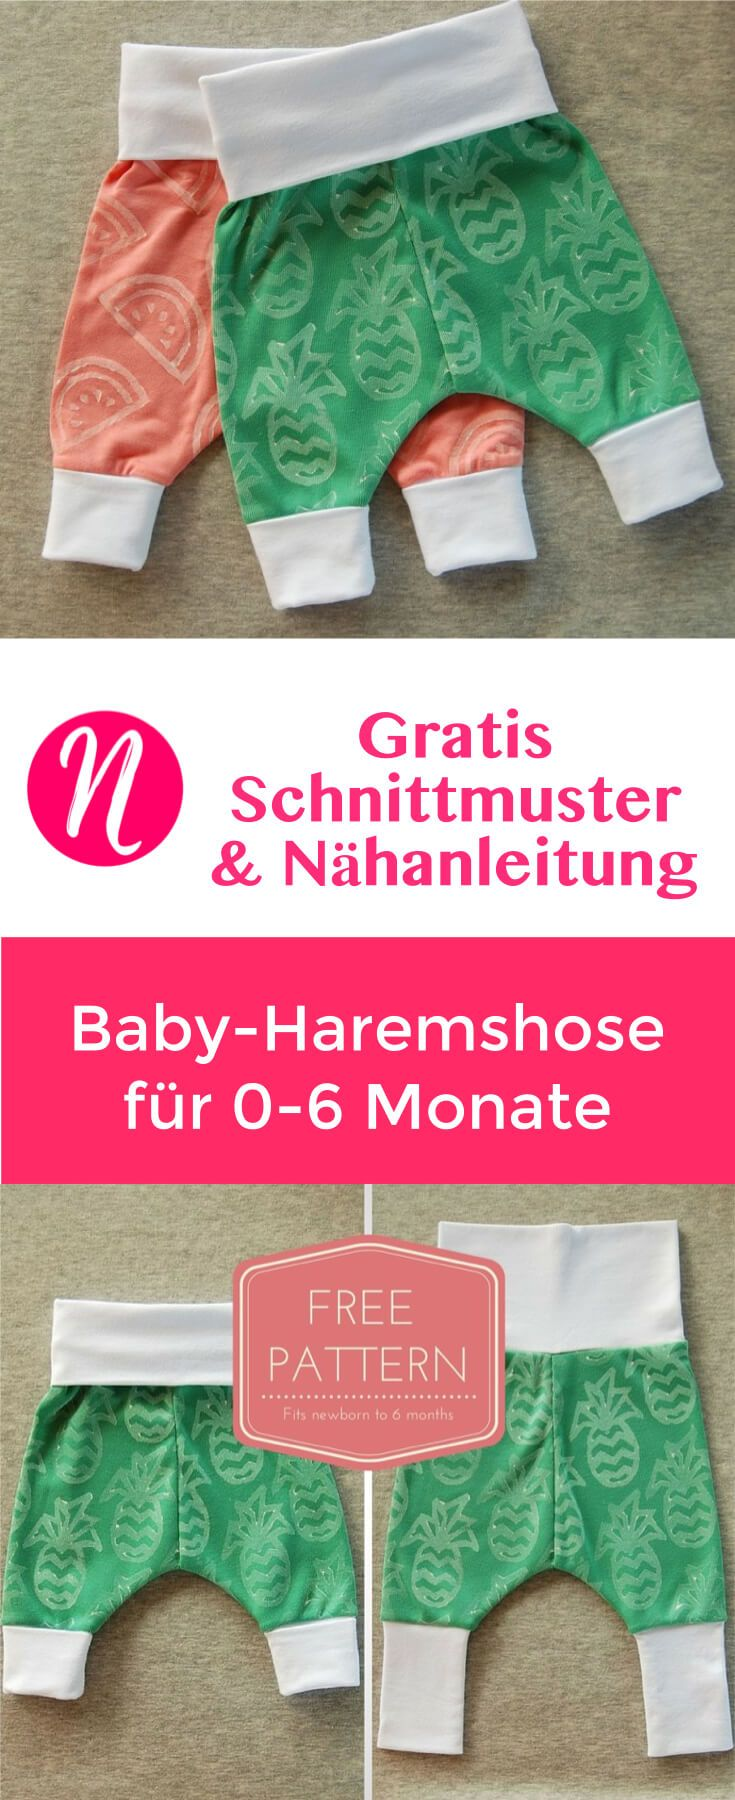 Baby-Haremshose | Pinterest | Haremshose, Ausdrucken und Monat